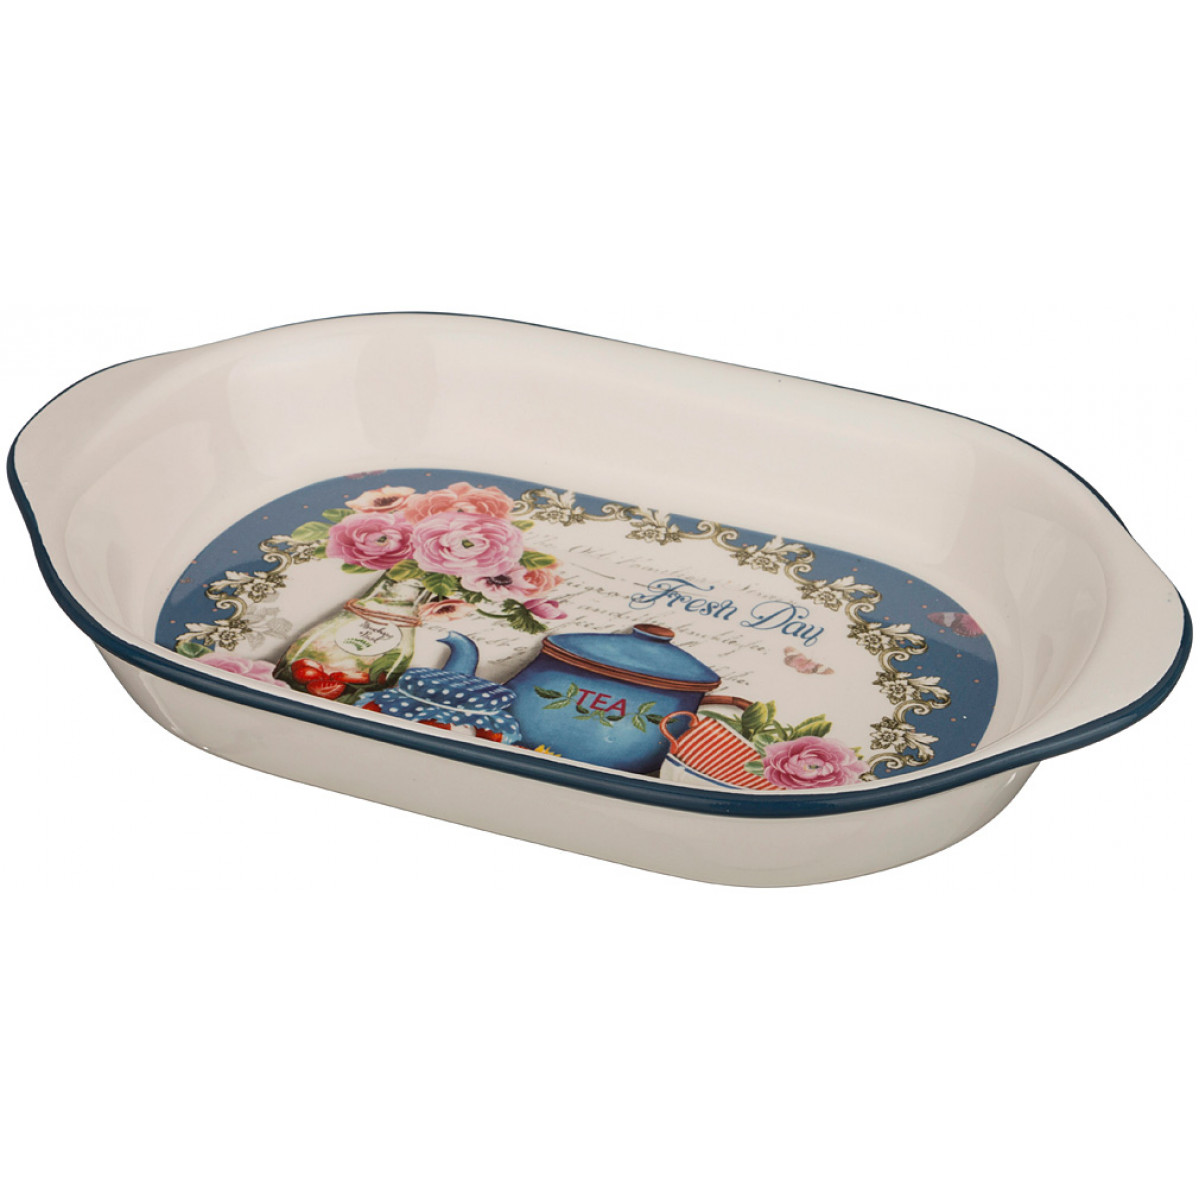 {} Agness Сервиз Erynn (5х18х28 см) блюдо шубница корейская роза 29 18 5 см